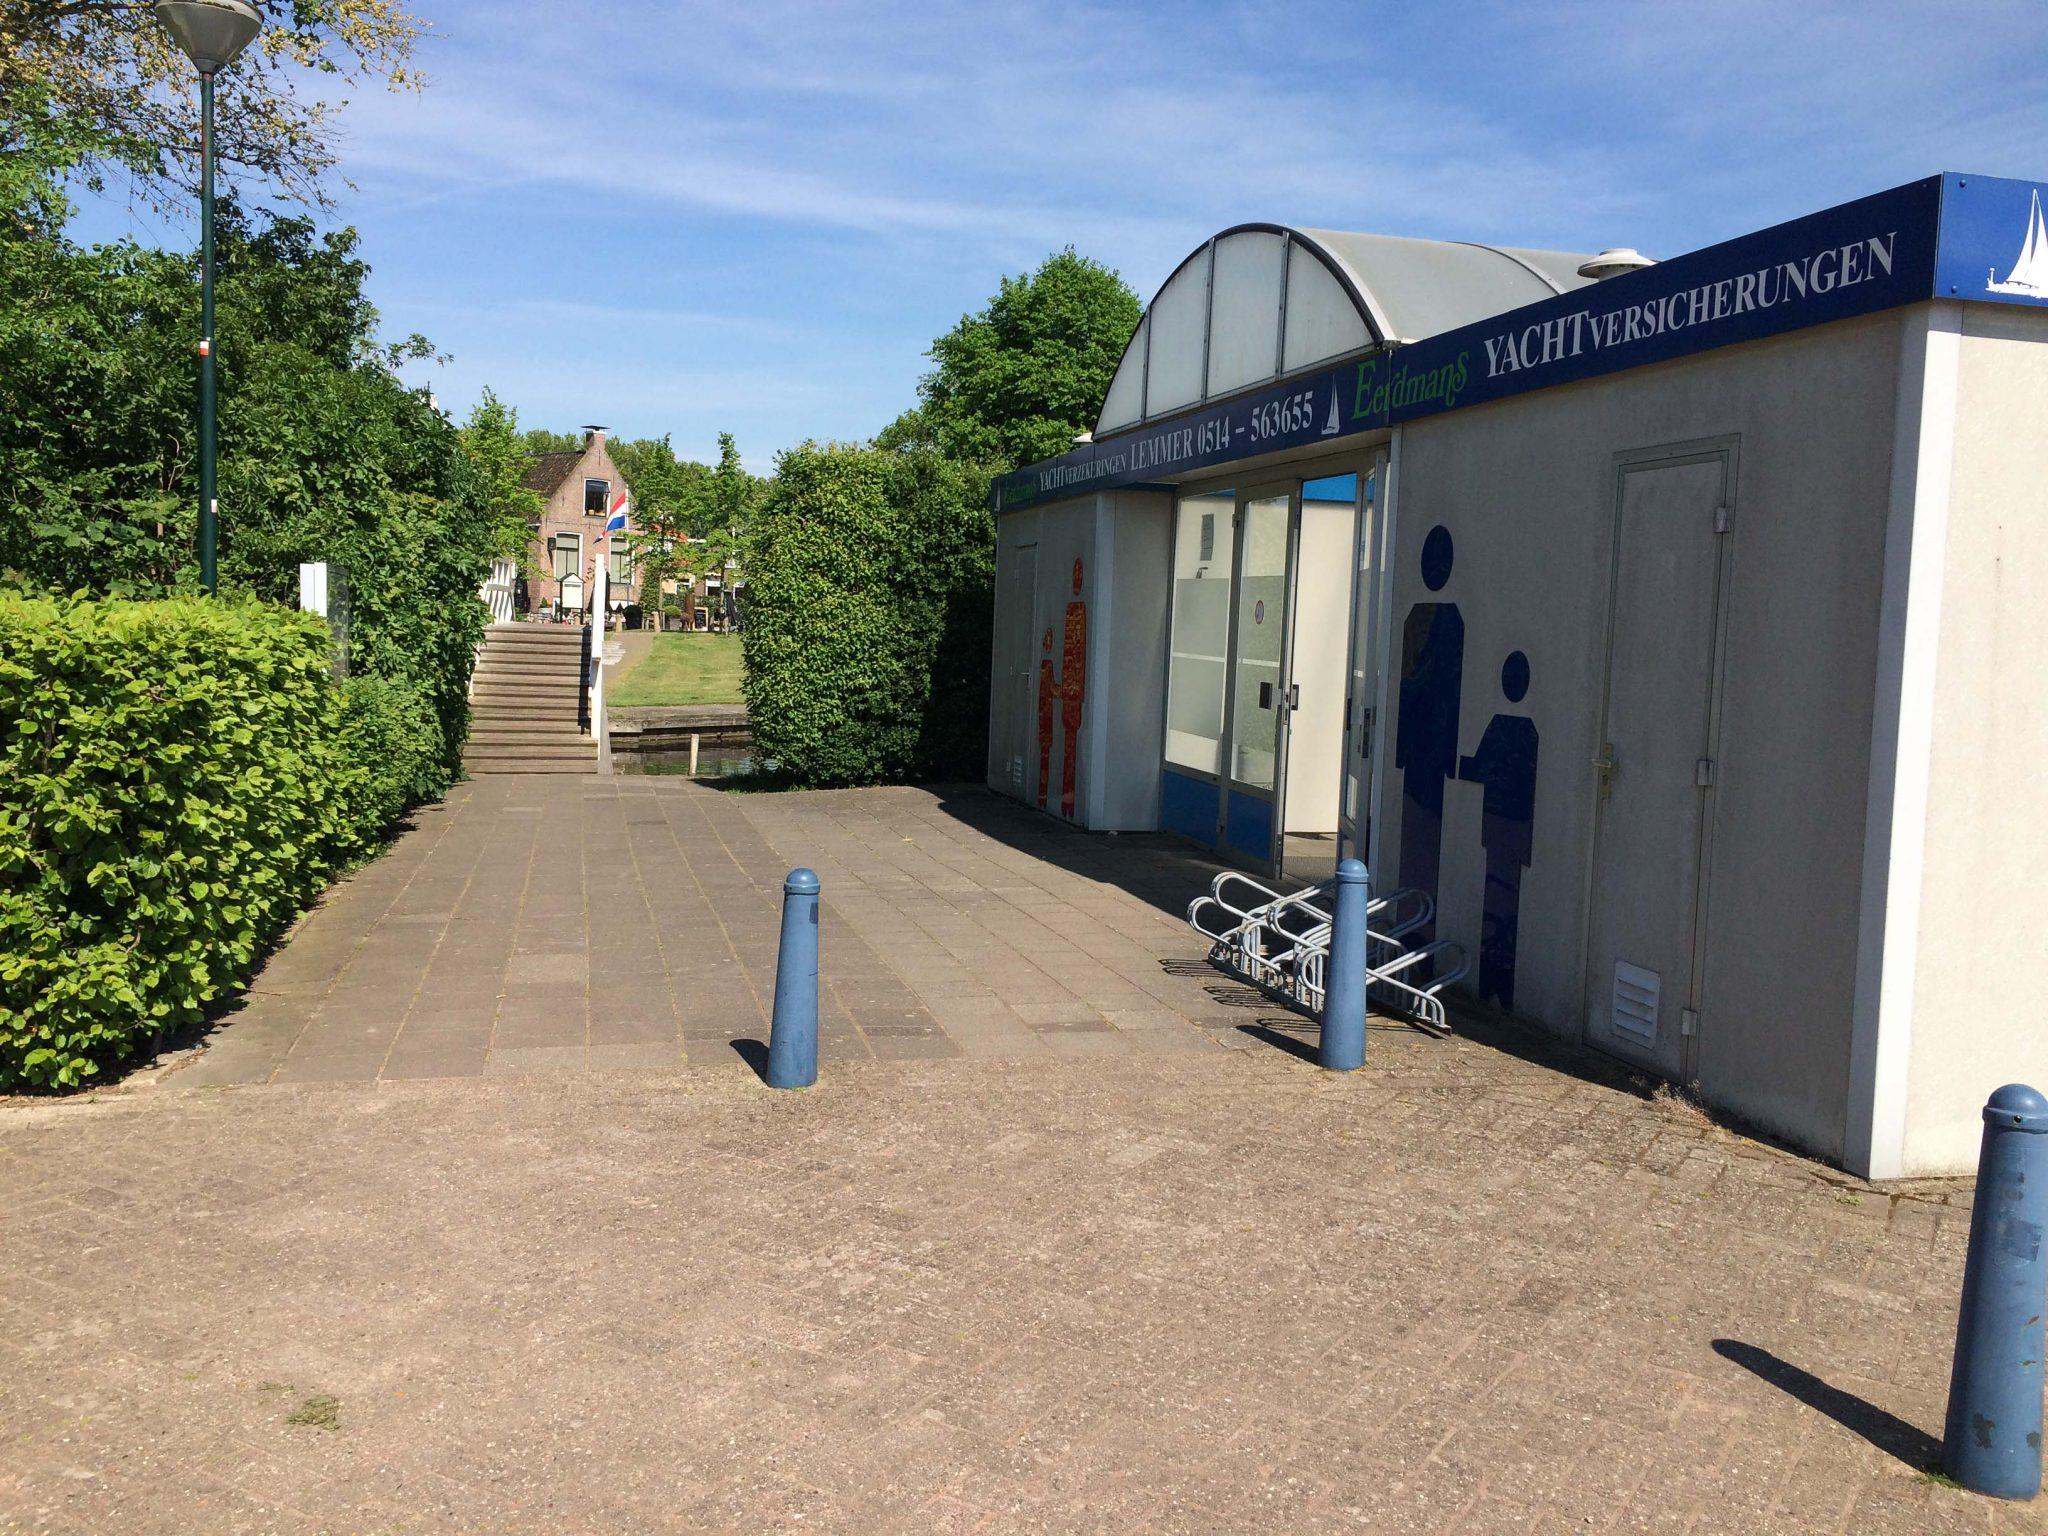 Sanitairgebouw & voetgangersburg naar Sloten